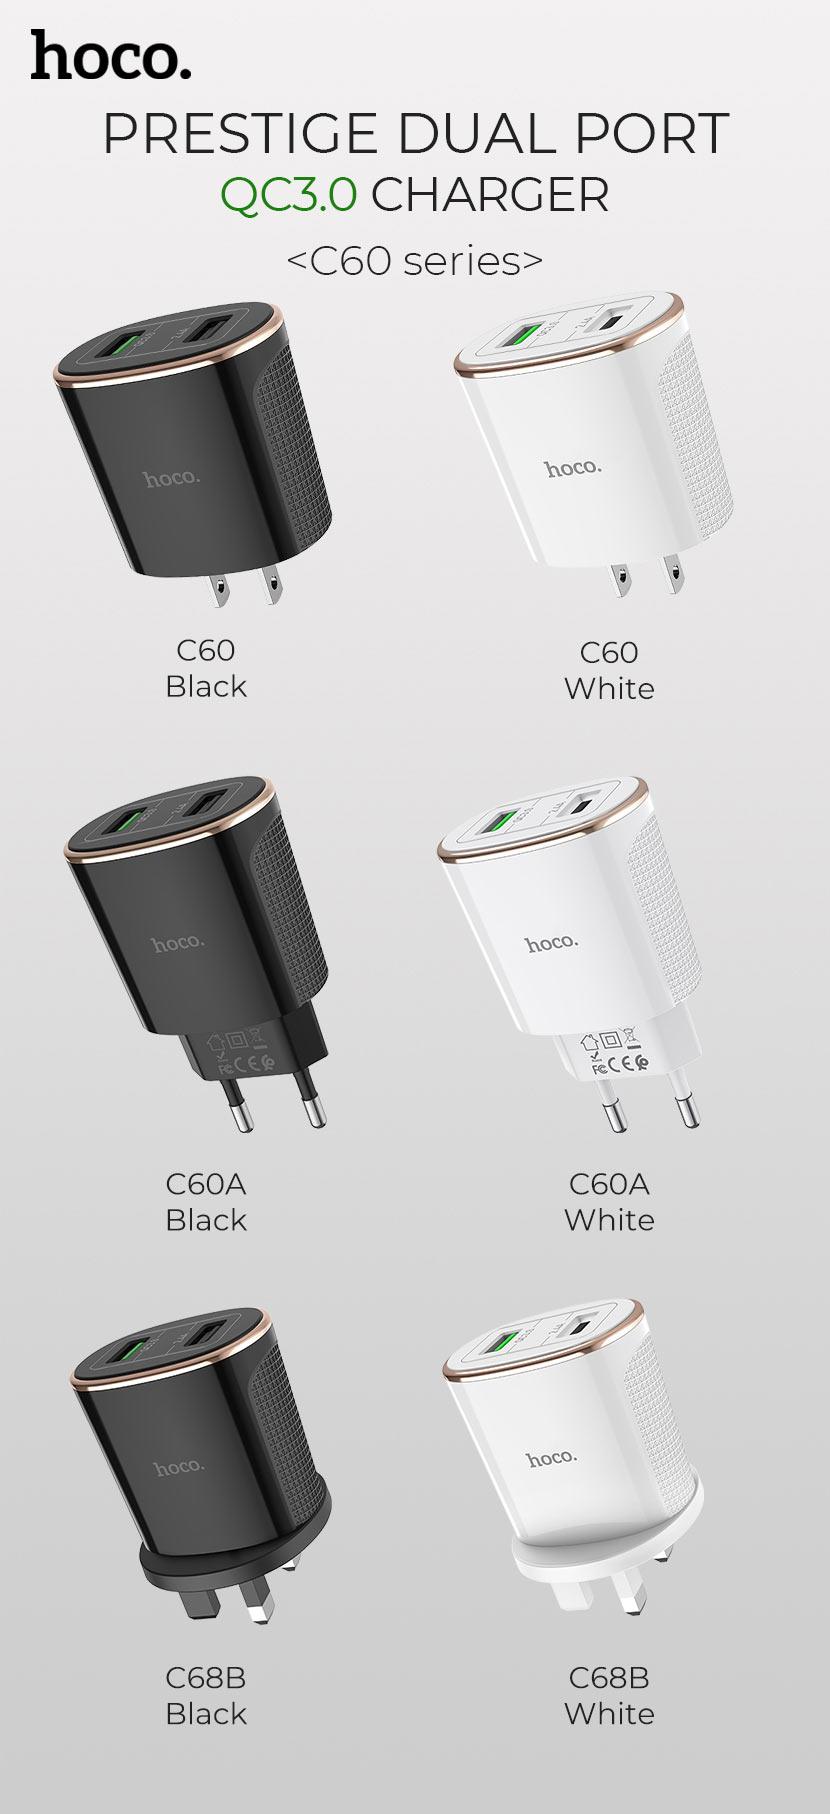 hoco news c60 prestige dual port qc30 charger set en